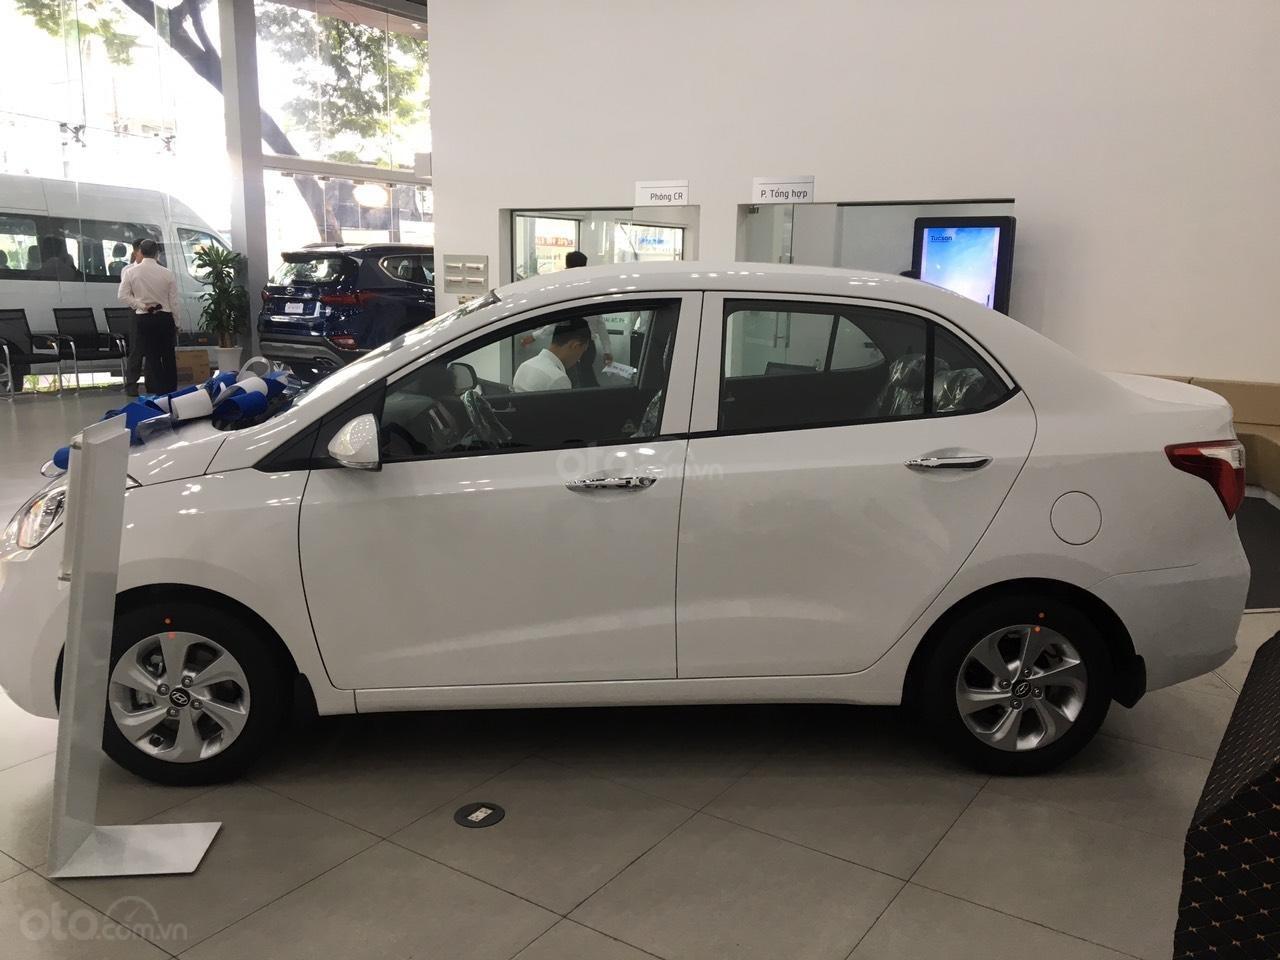 Bán xe Hyundai Grand i10 1.2 AT Sedan đời 2019, màu trắng, giá 415tr-1